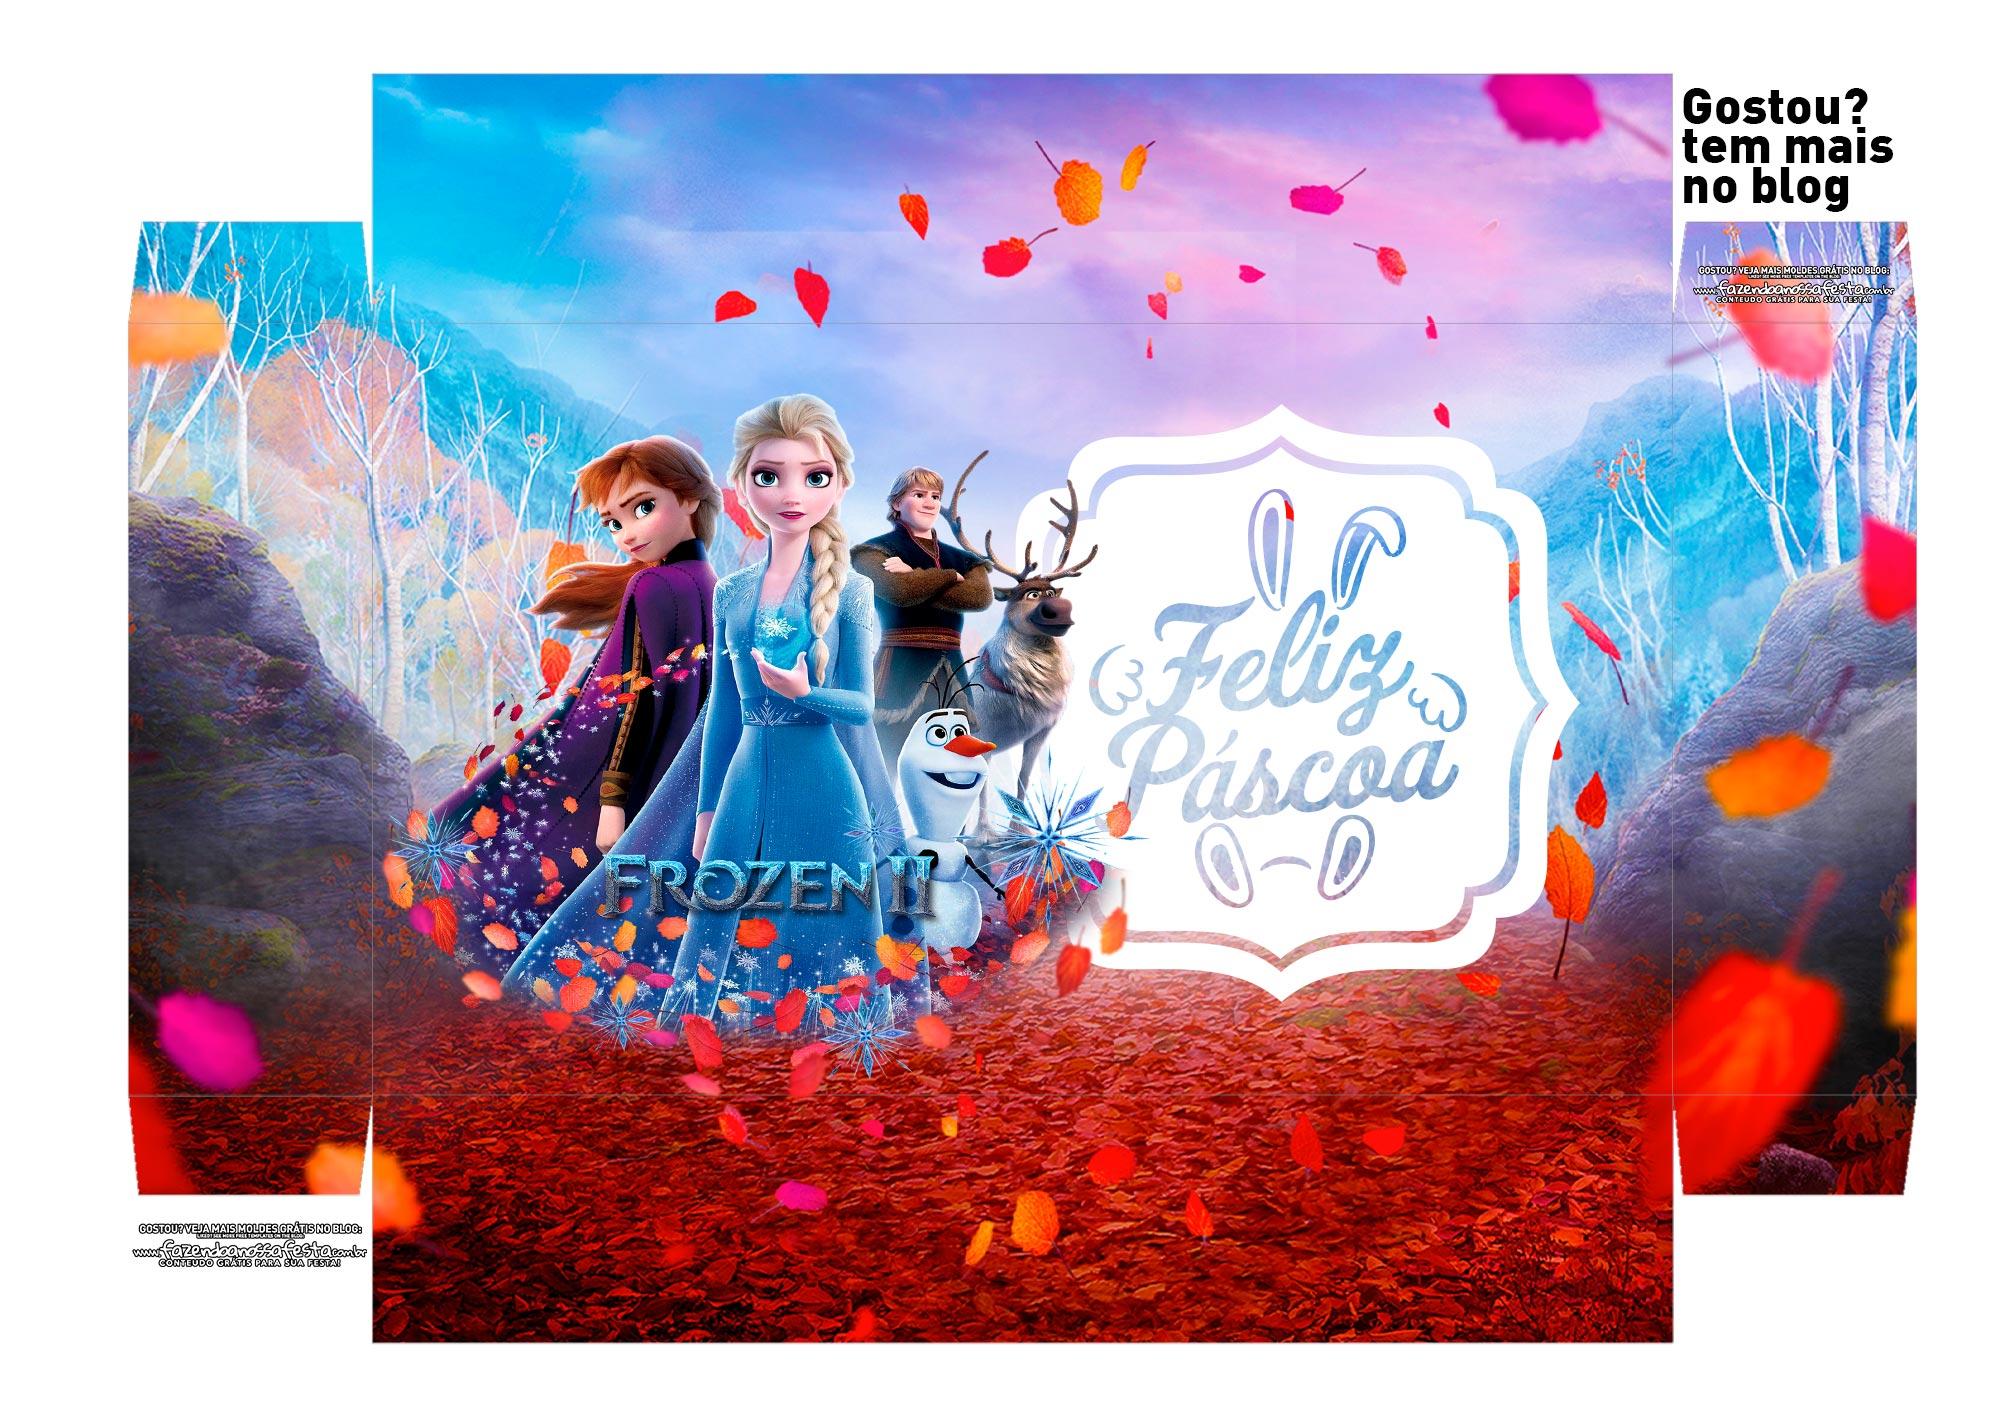 Caixa Explosao Mini Confeiteiro Frozen 2 parte 1